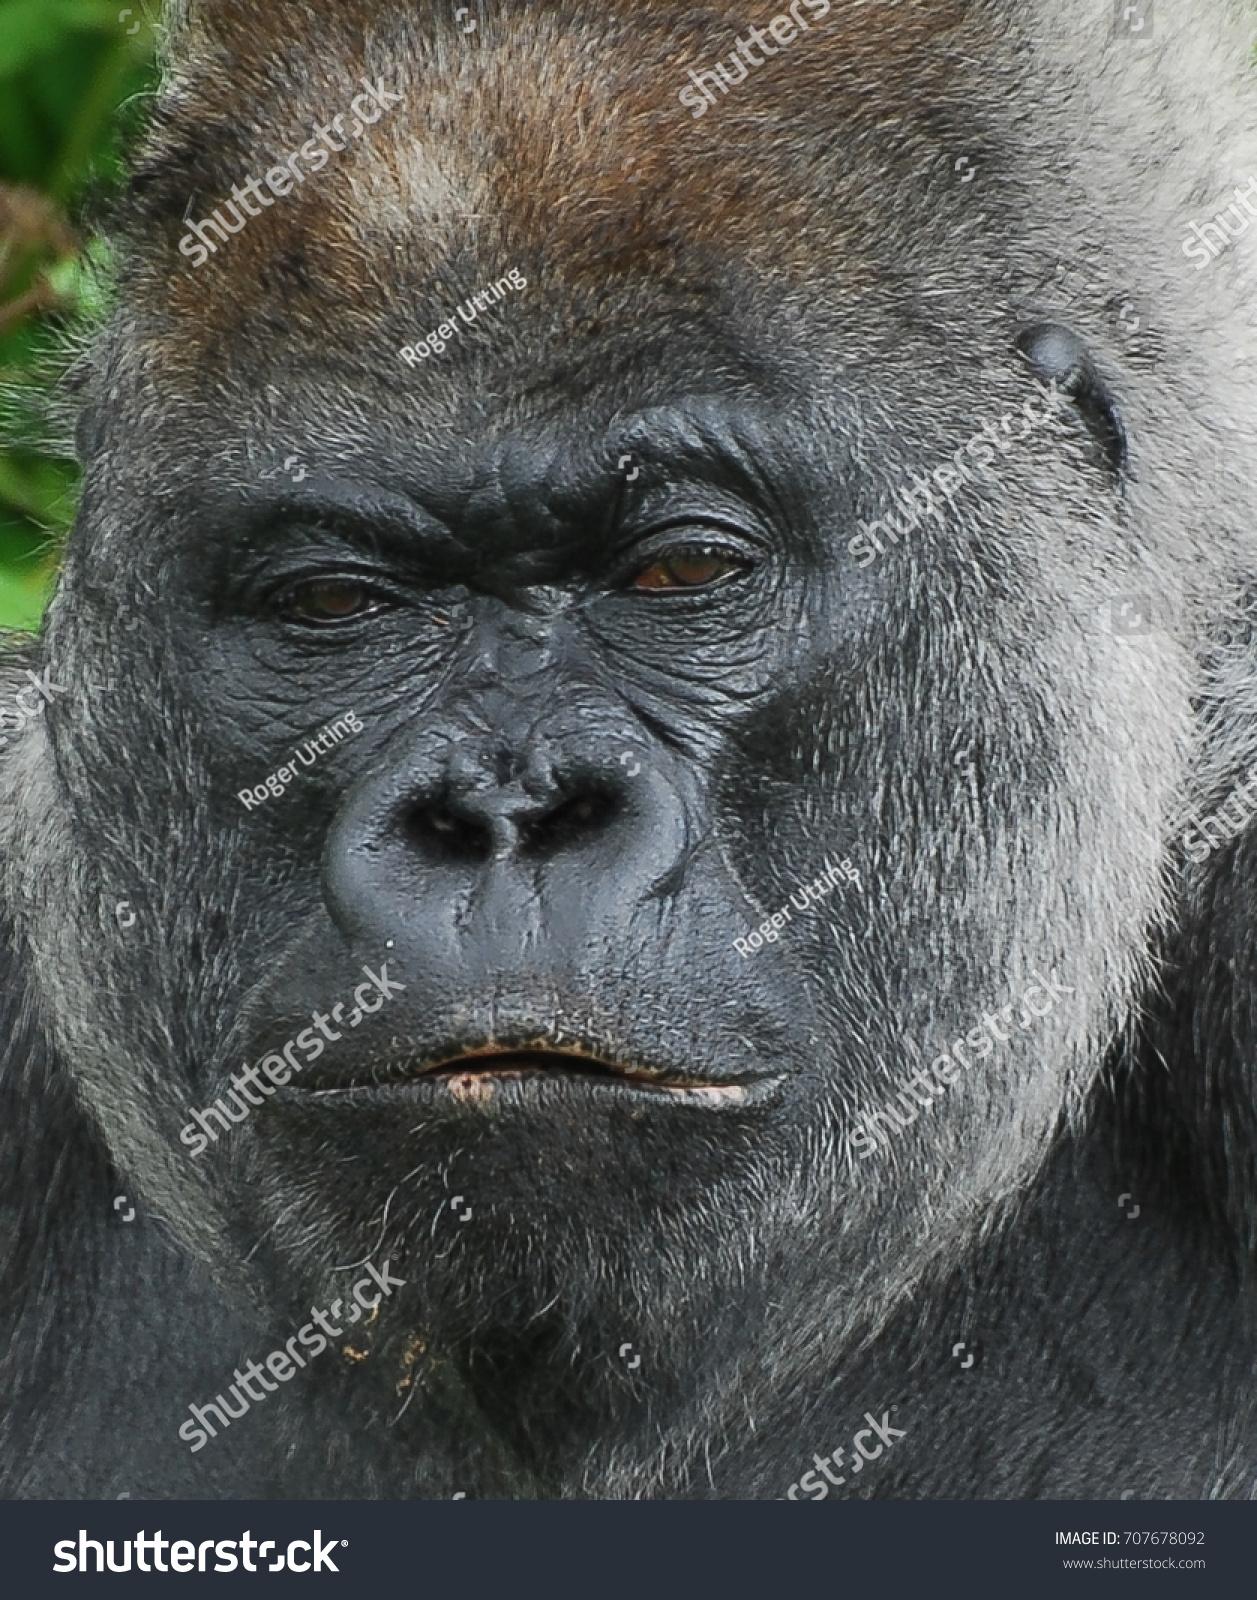 Gorilla staring at the camera